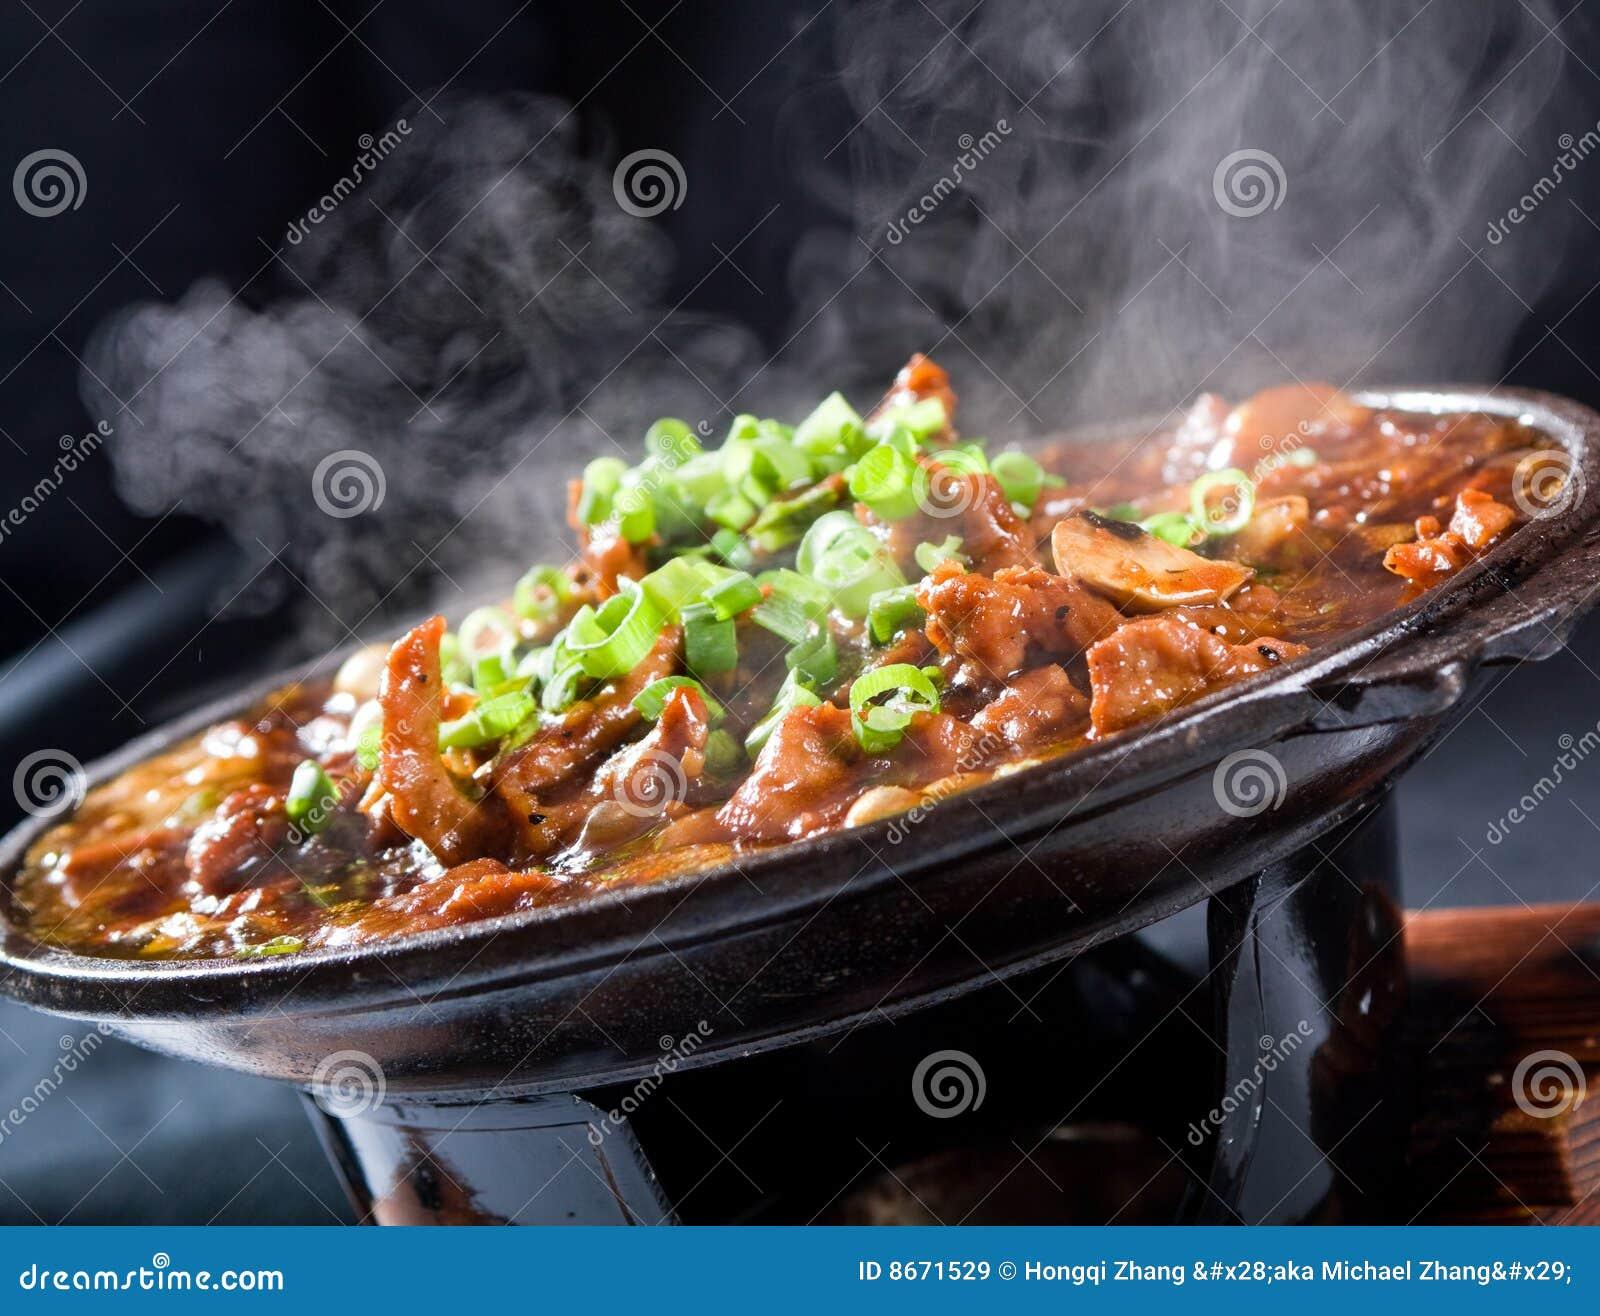 Alimento caldo